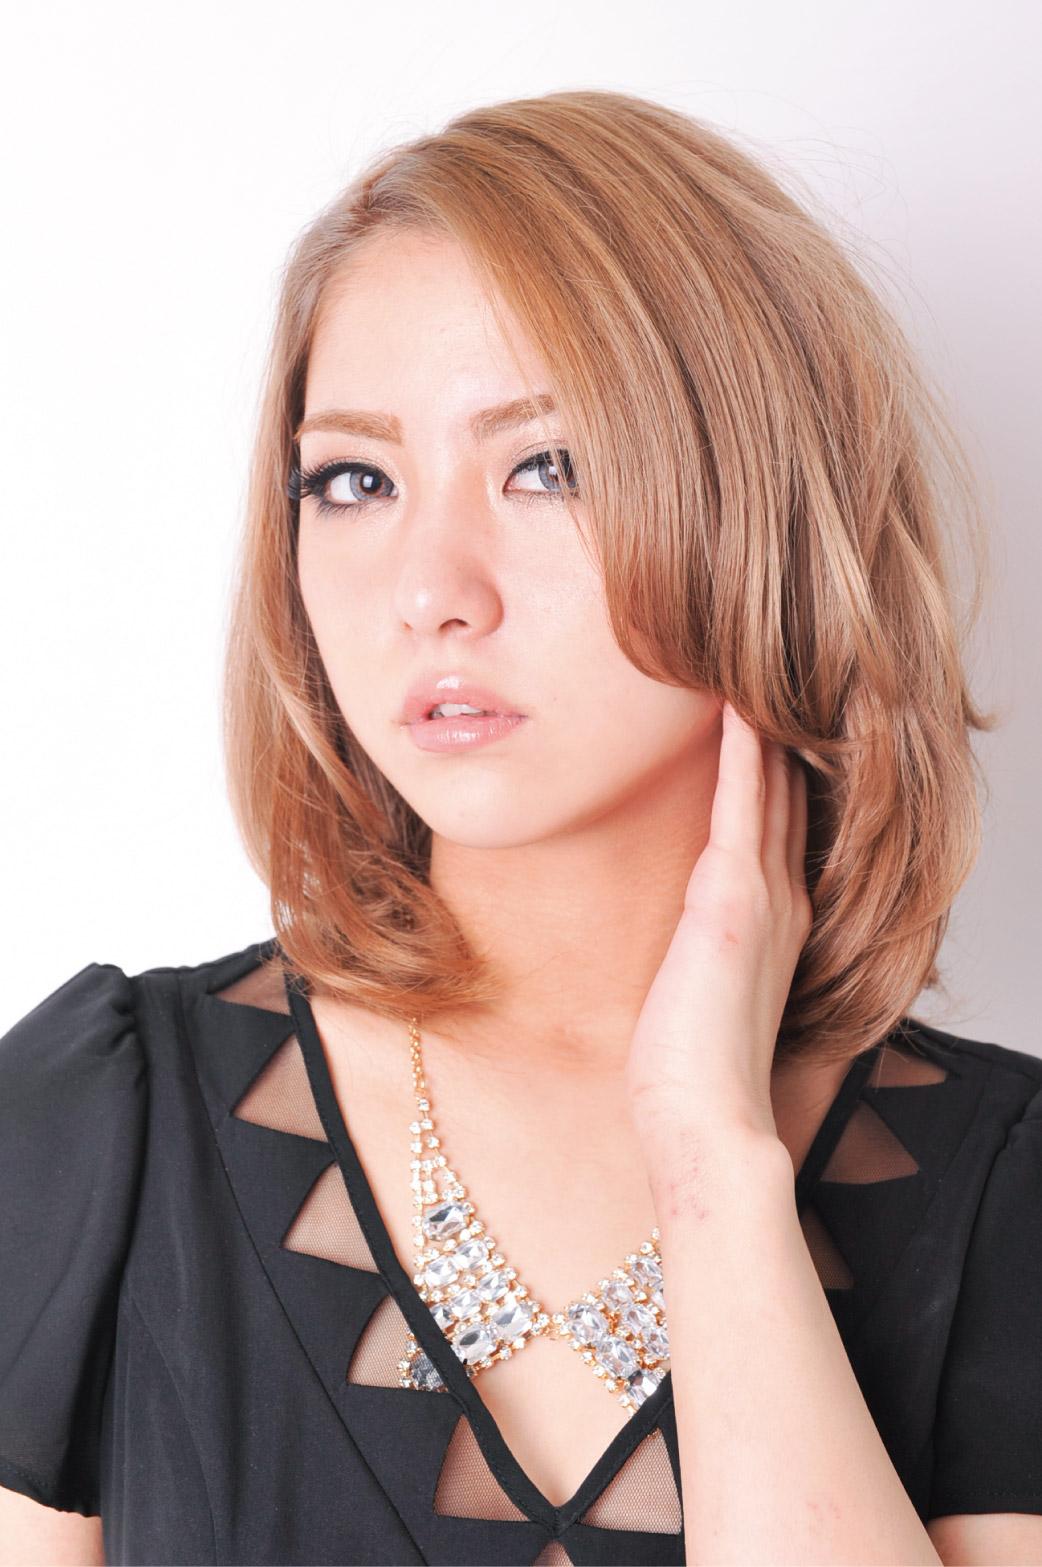 石川恋の画像 p1_25